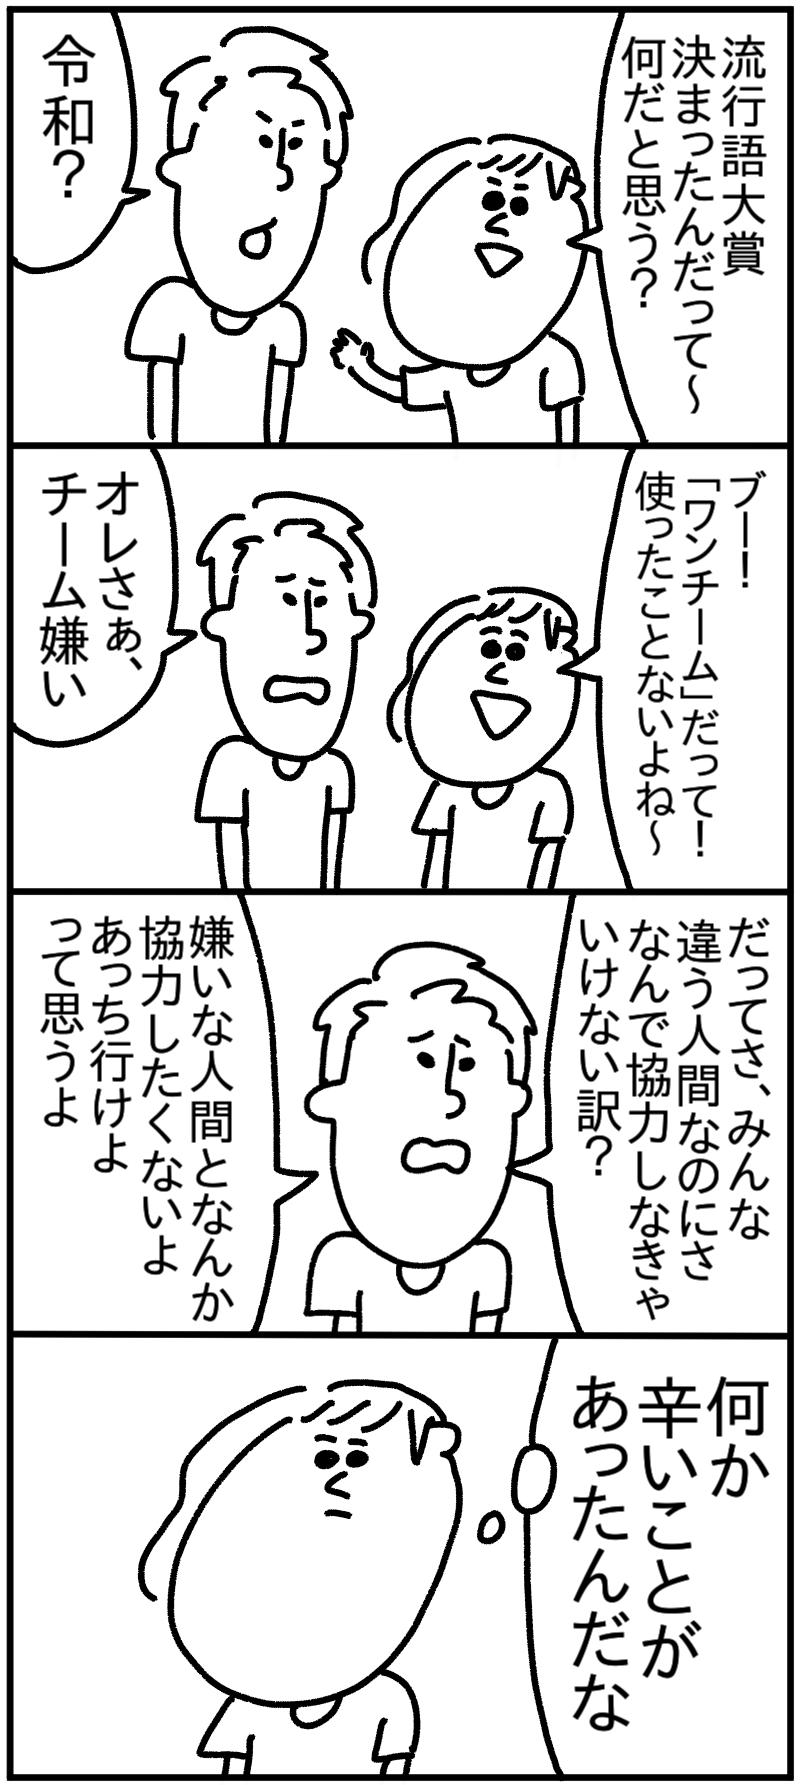 流行語大賞の話_f0346353_17183008.png